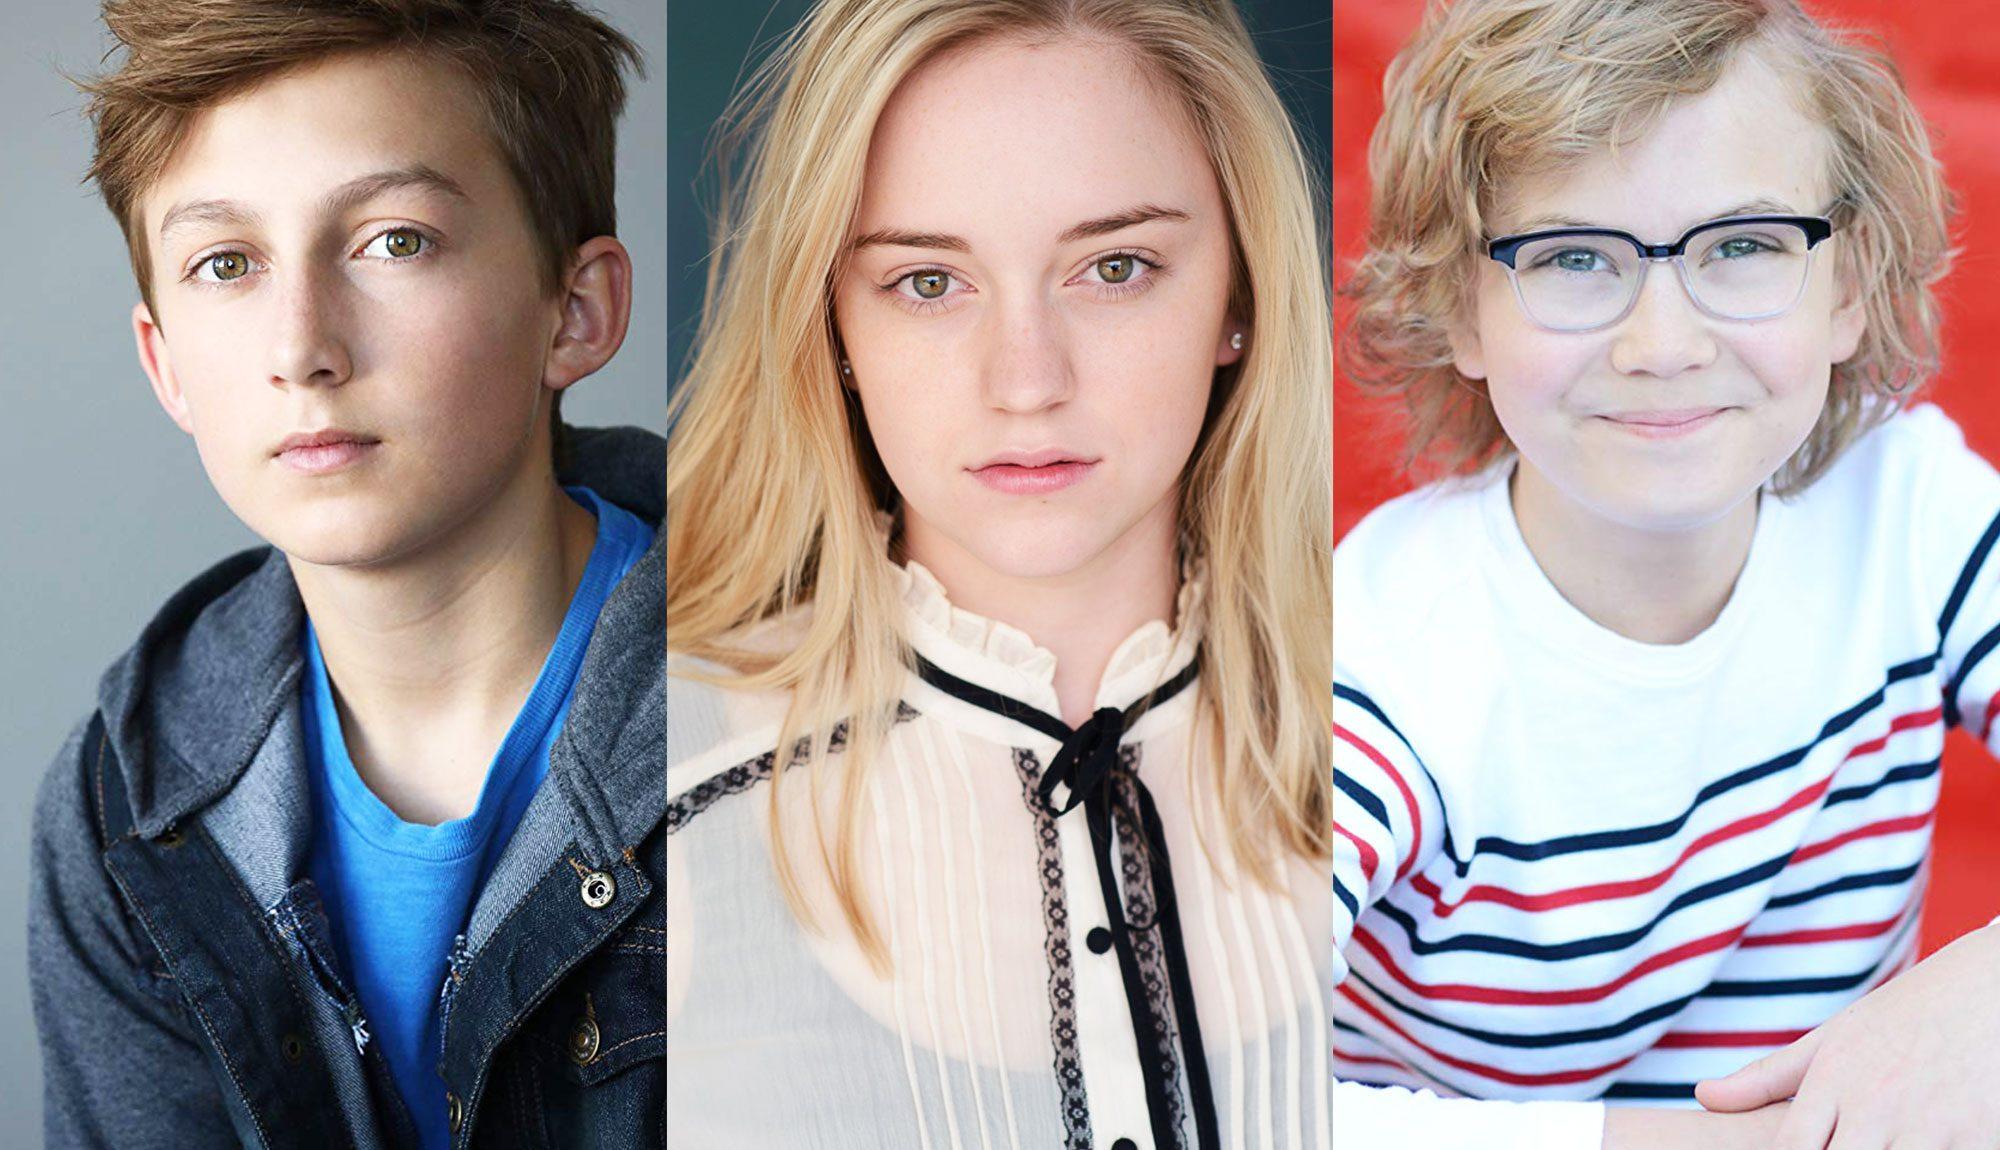 Meet The New Kids From Fear the Walking Dead Season 5